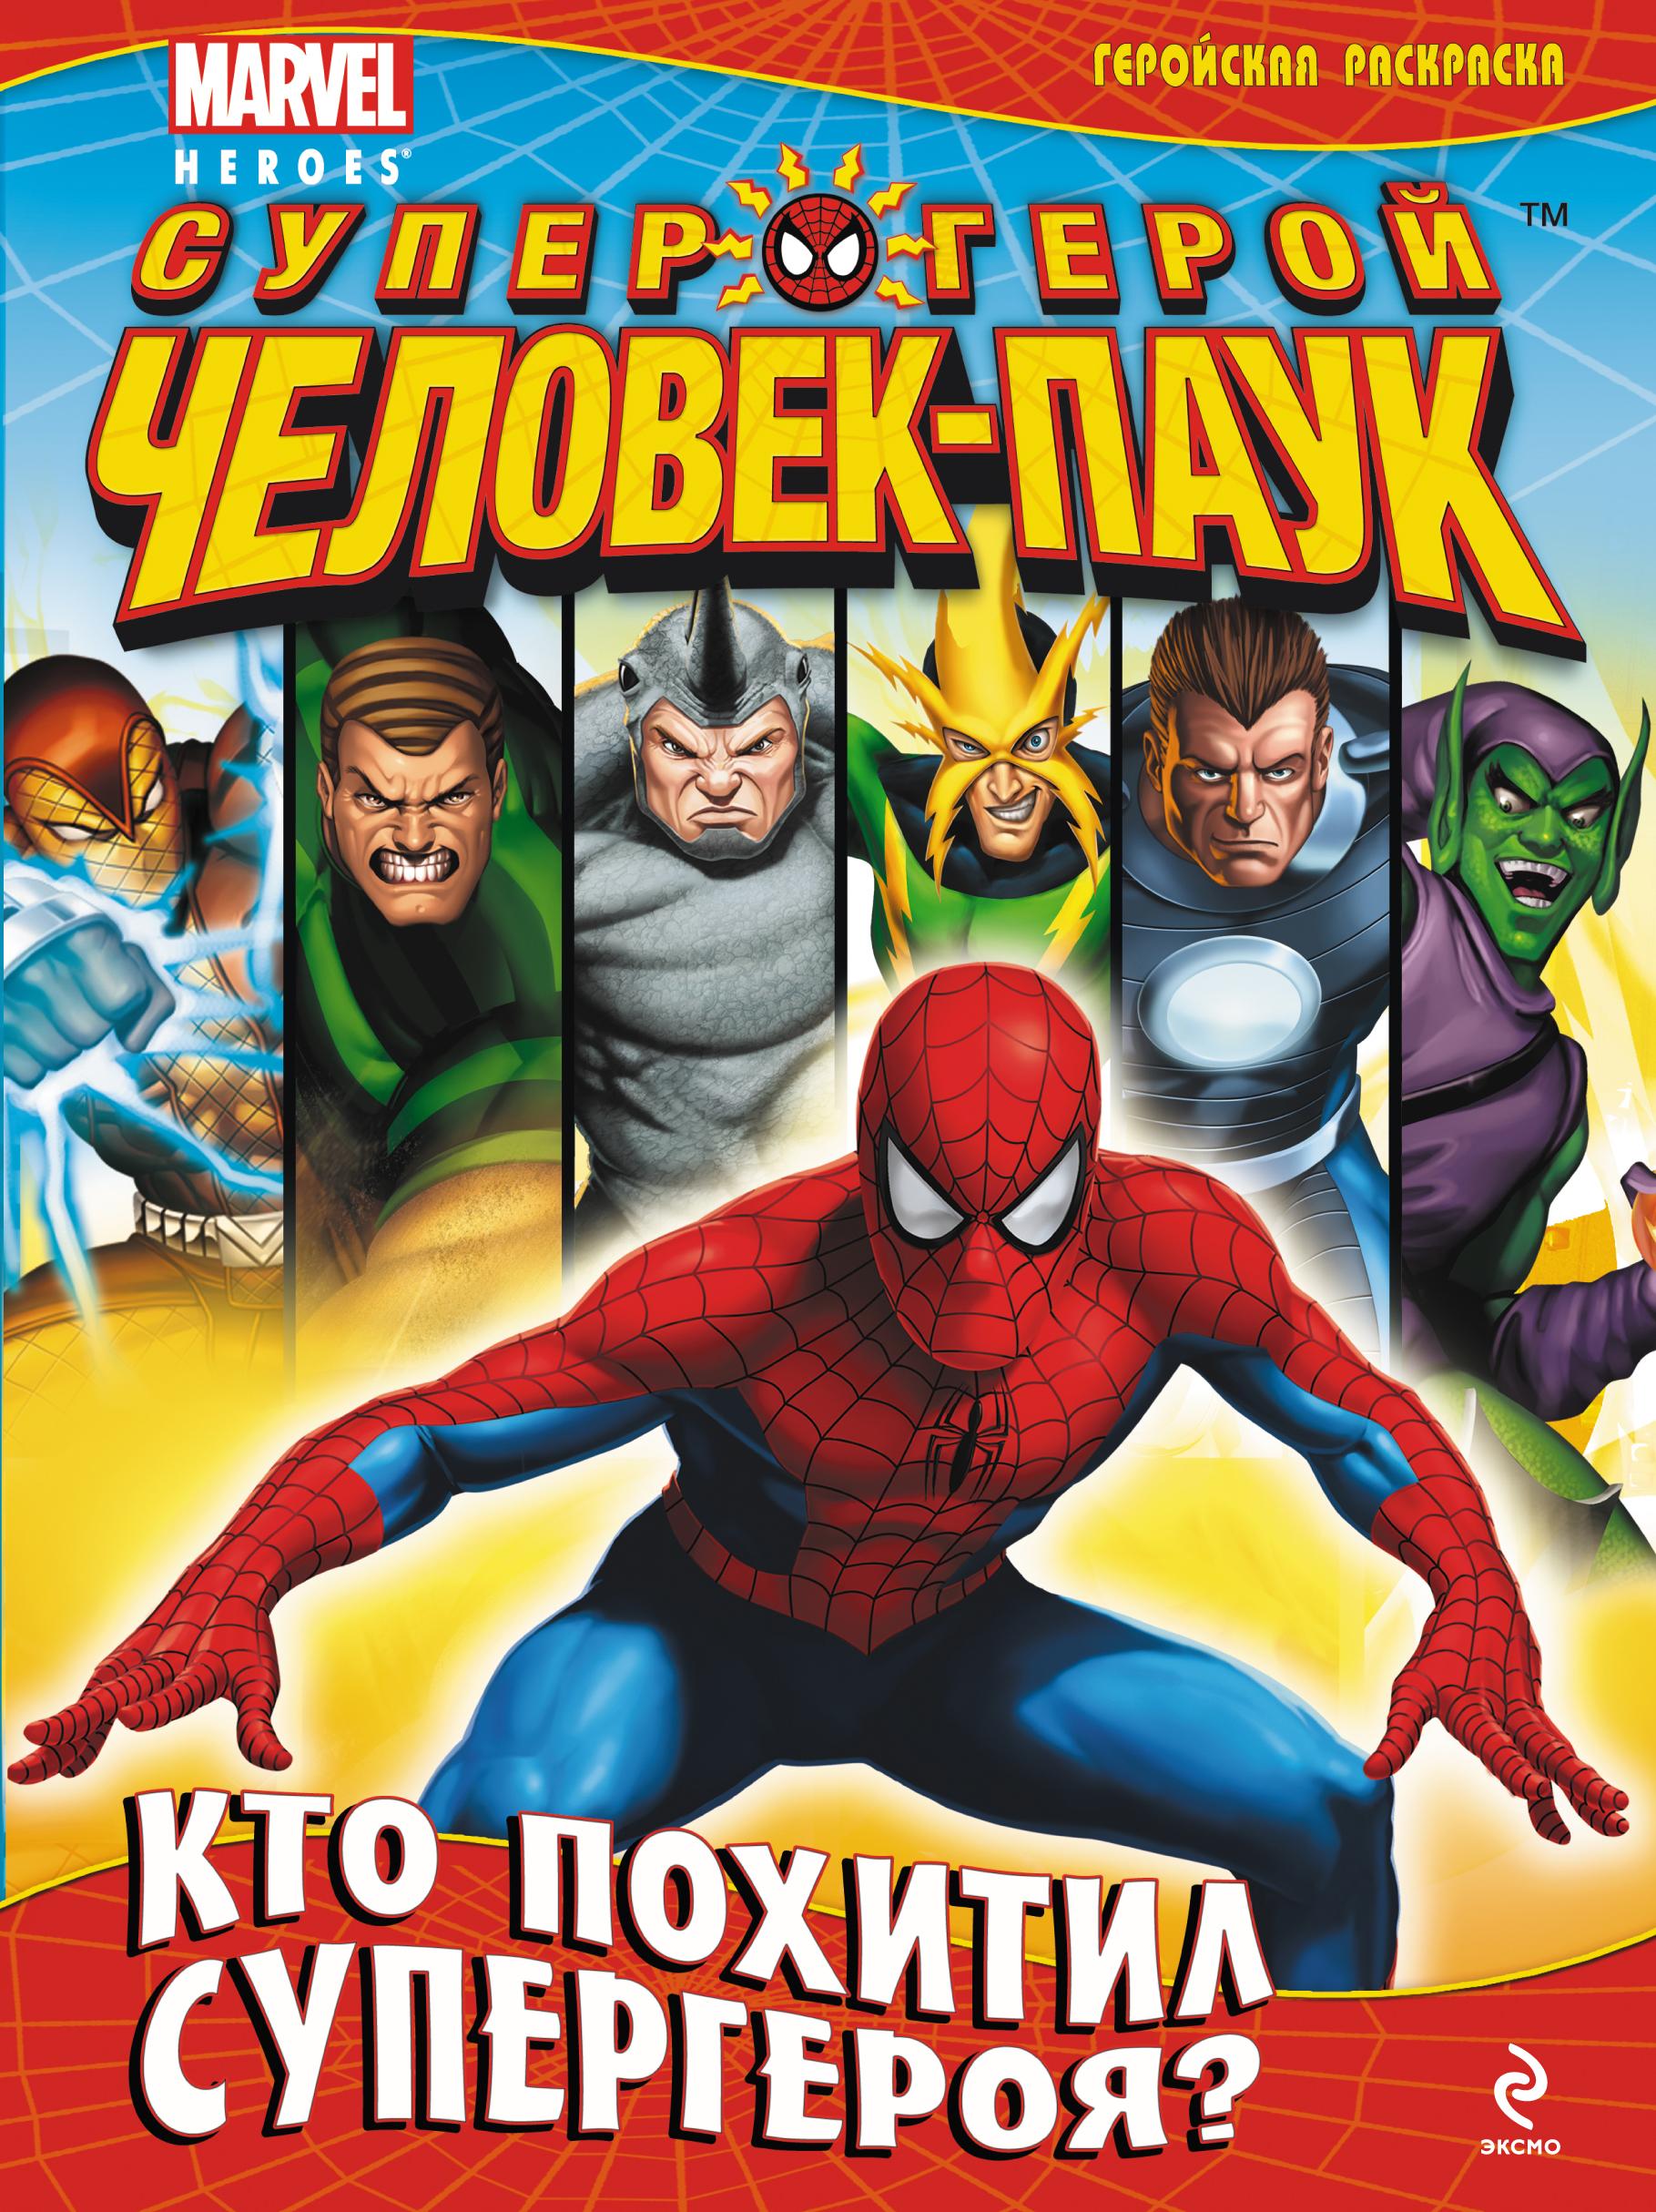 Кто похитил супергероя? Геройская раскраска